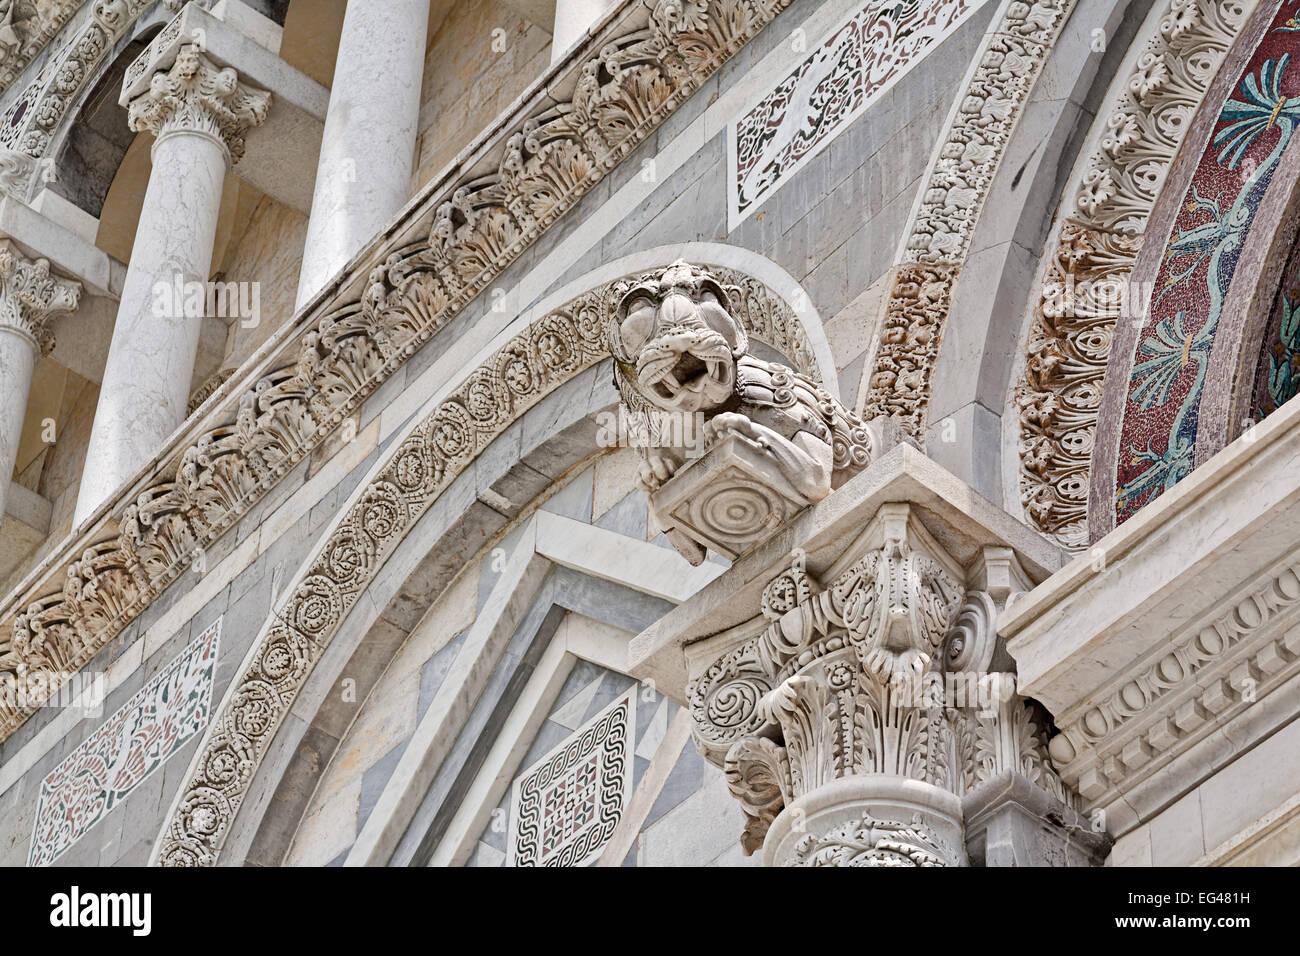 Detalle arquitectónico de la Catedral de Pisa en Italia Imagen De Stock